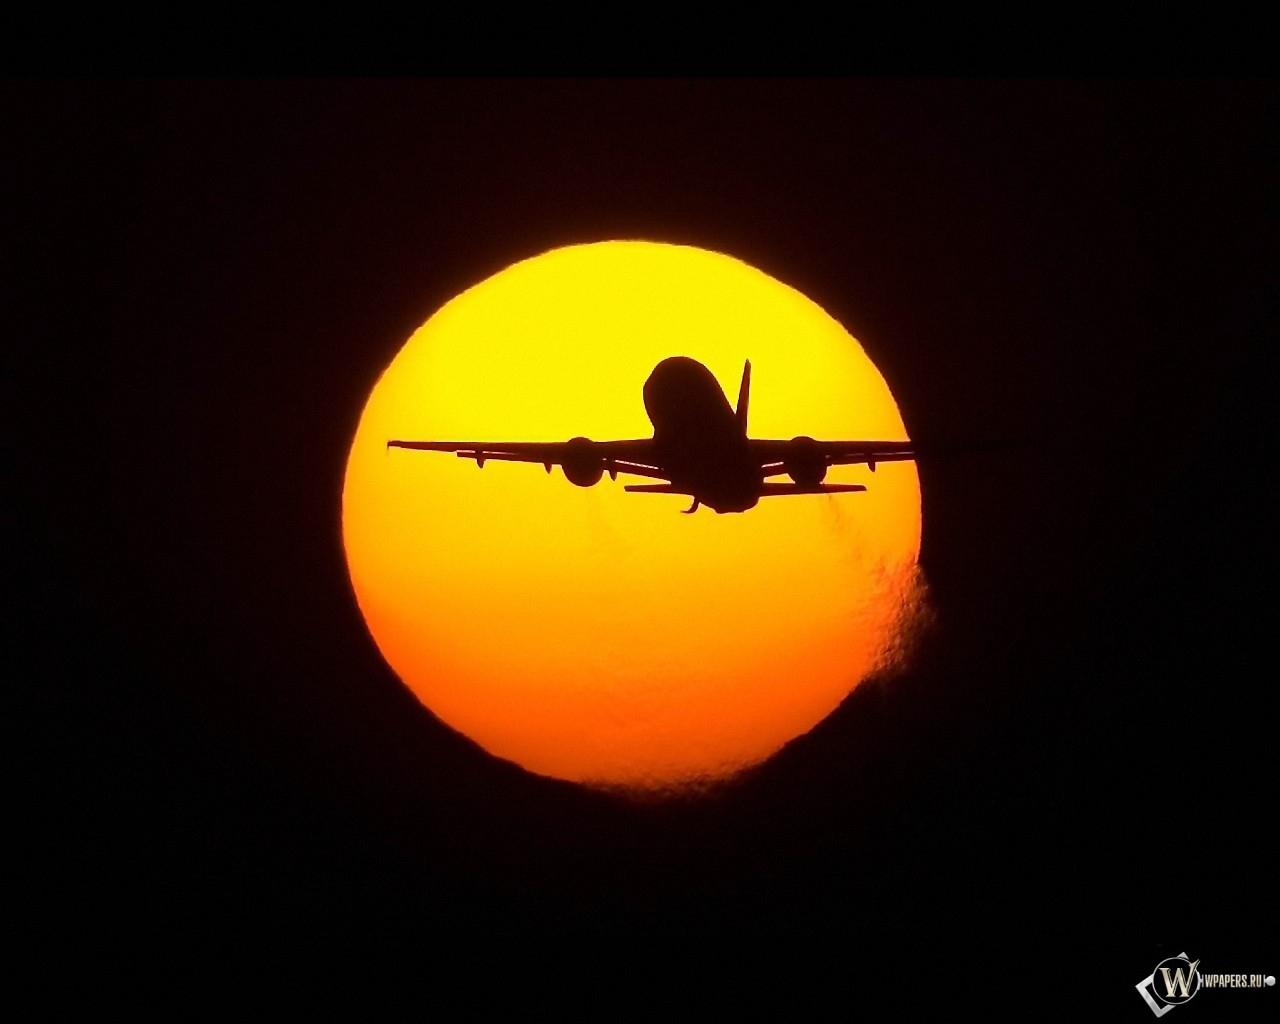 Самолет на фоне солнца